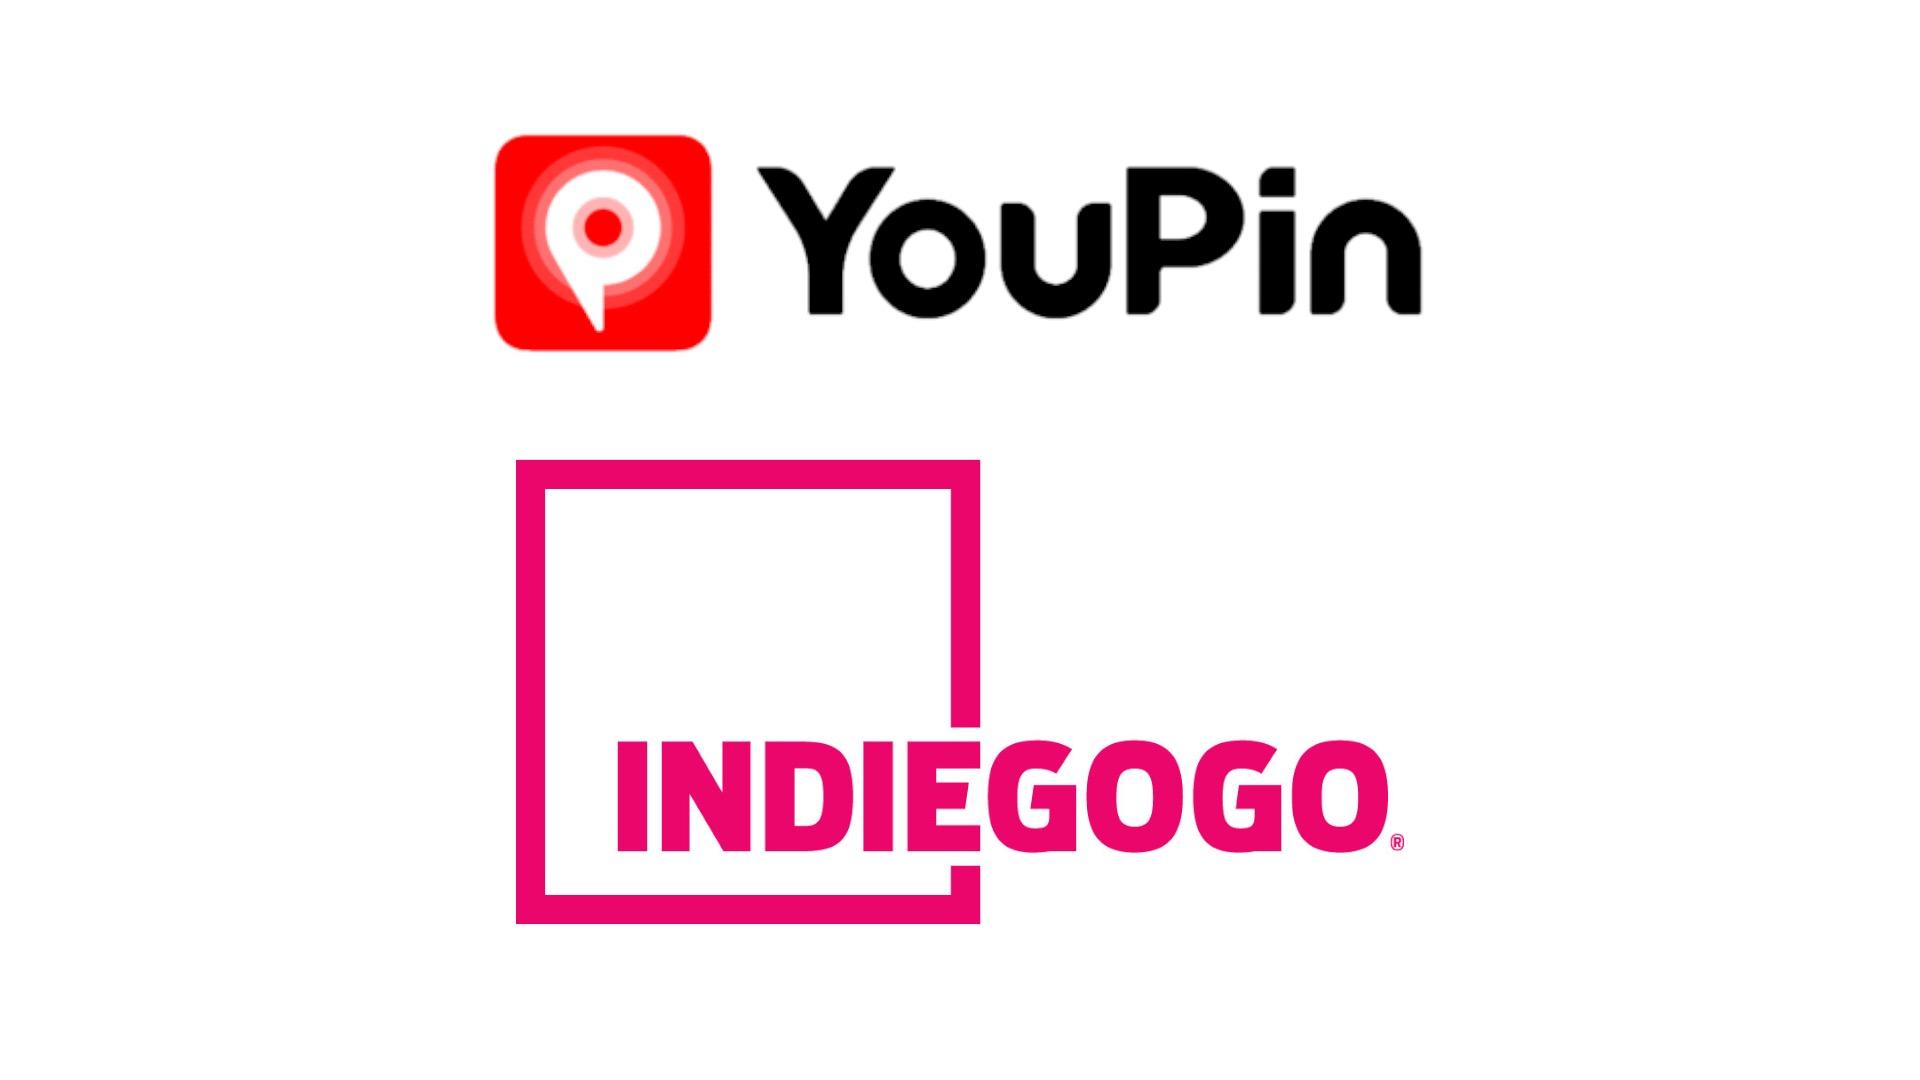 Xiaomi Youpin Indiegogo